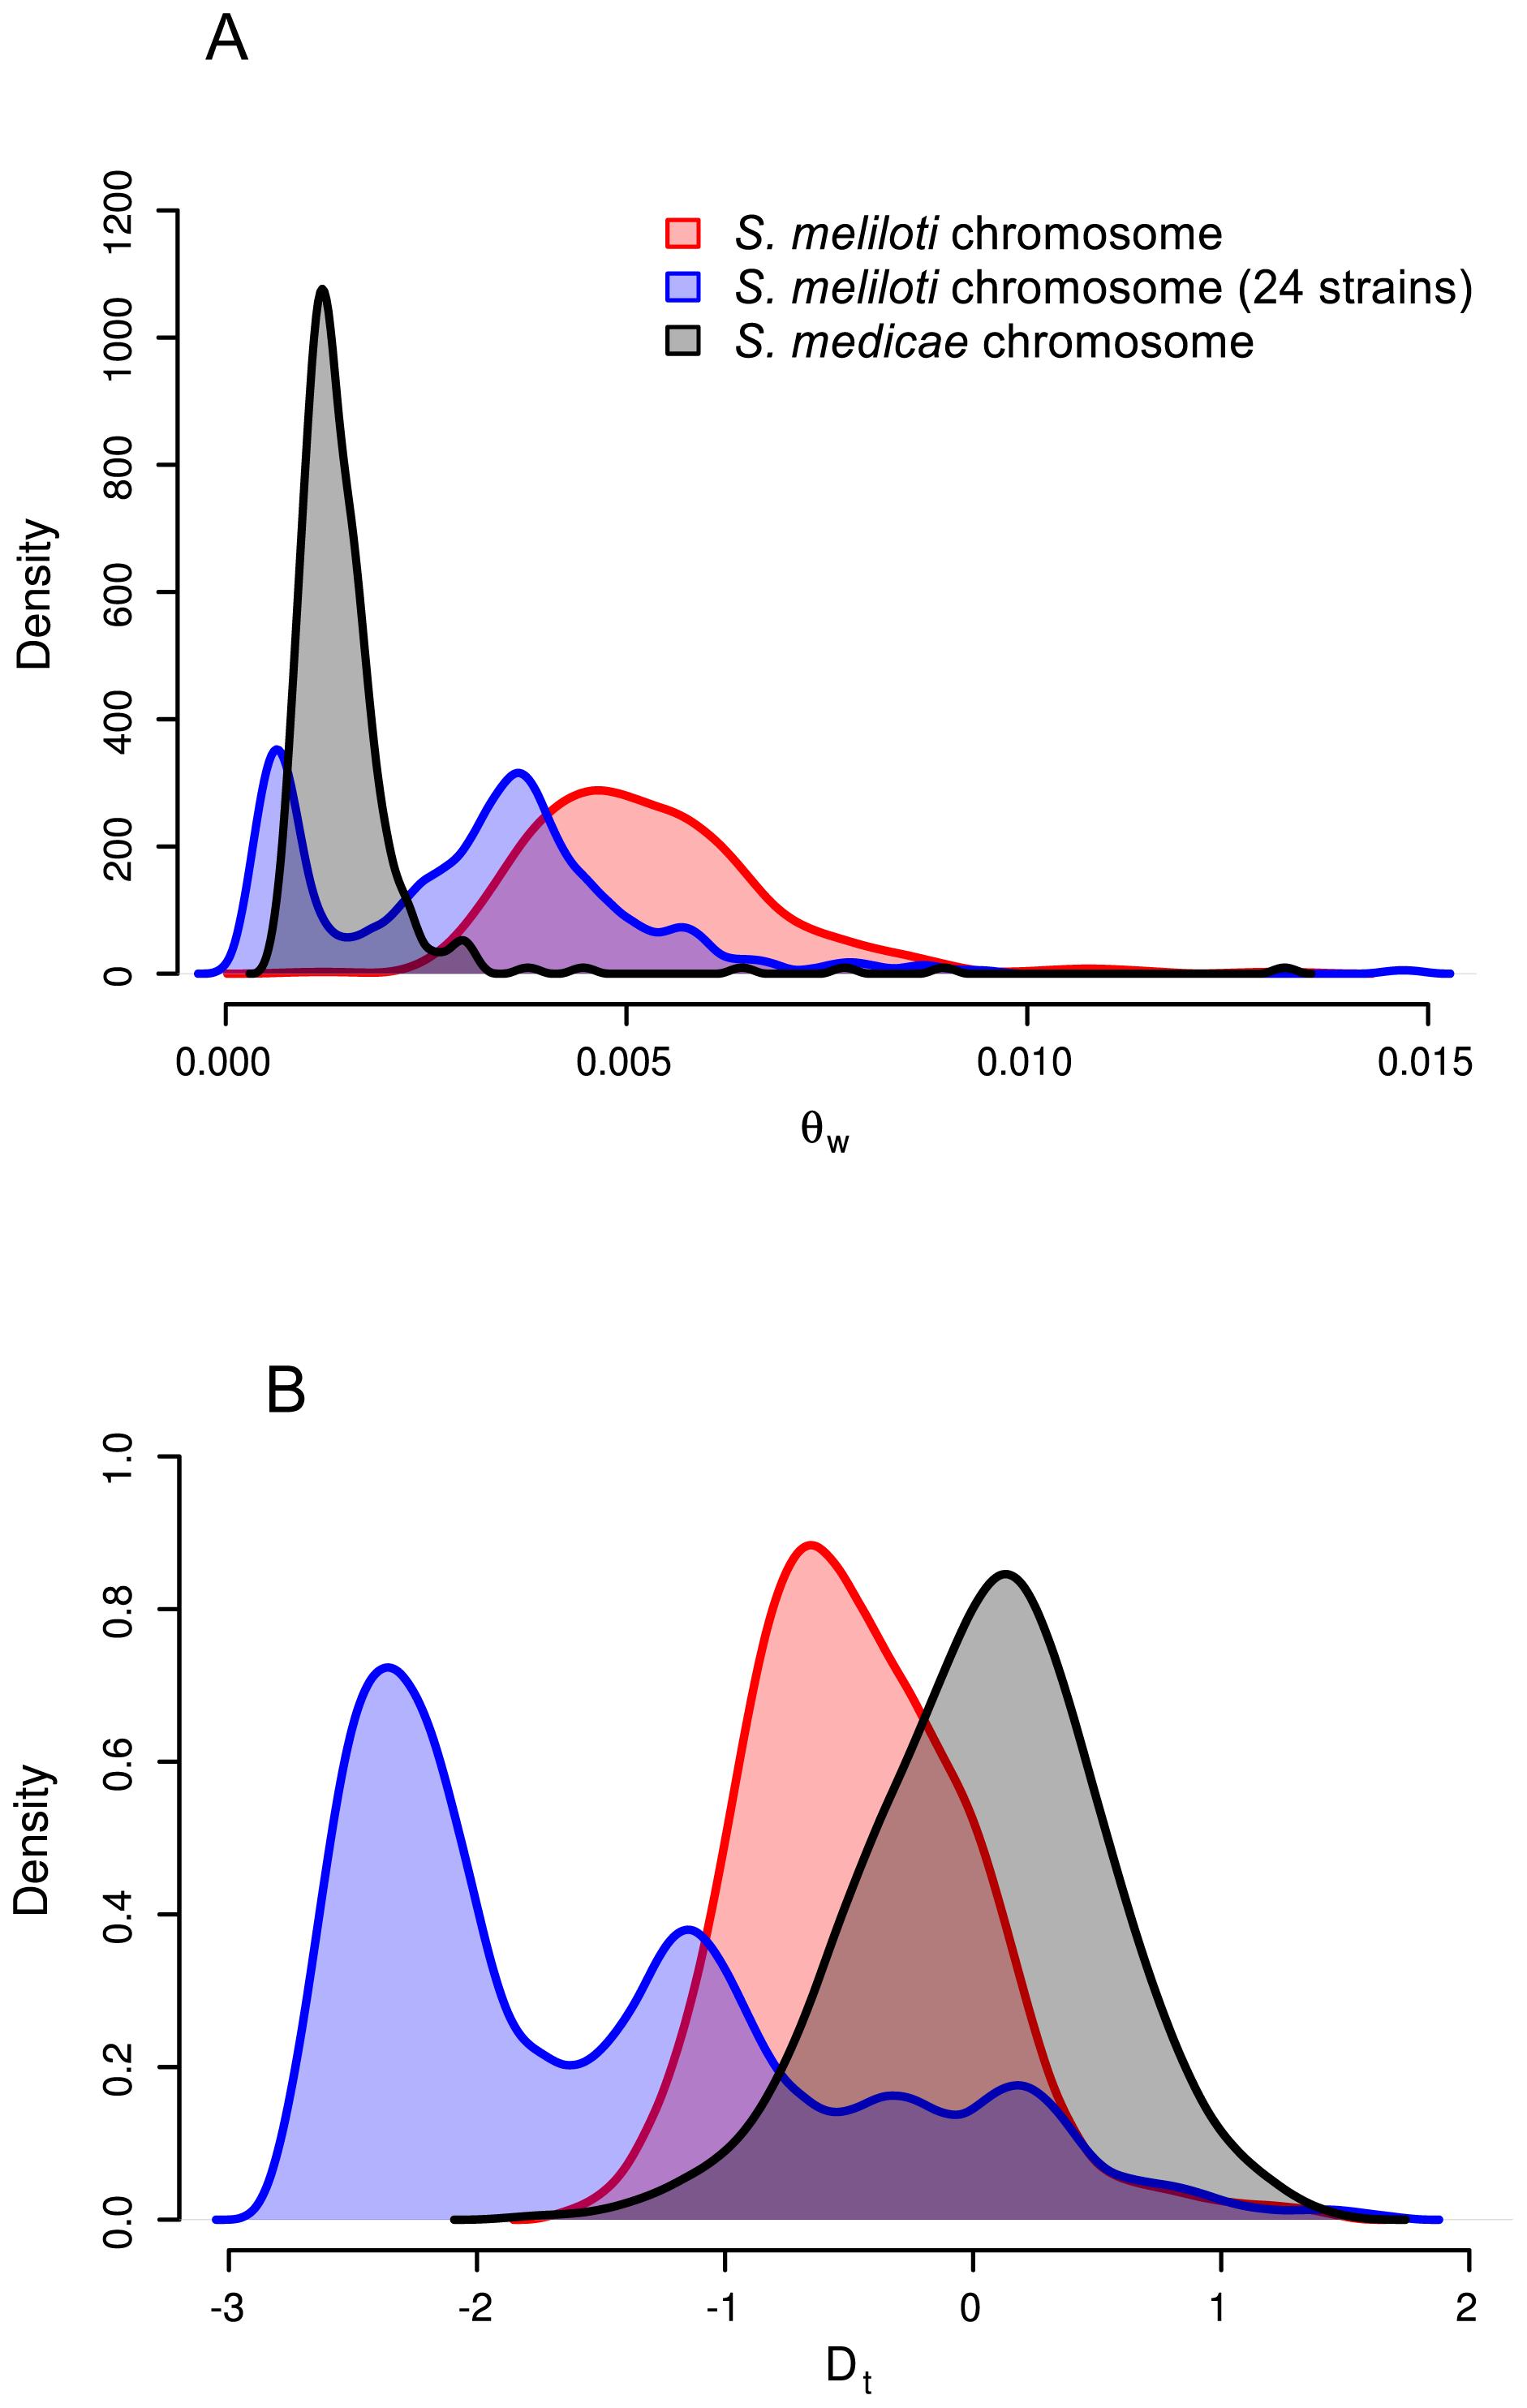 Distributions of chromosomal nucleotide diversity statistics.